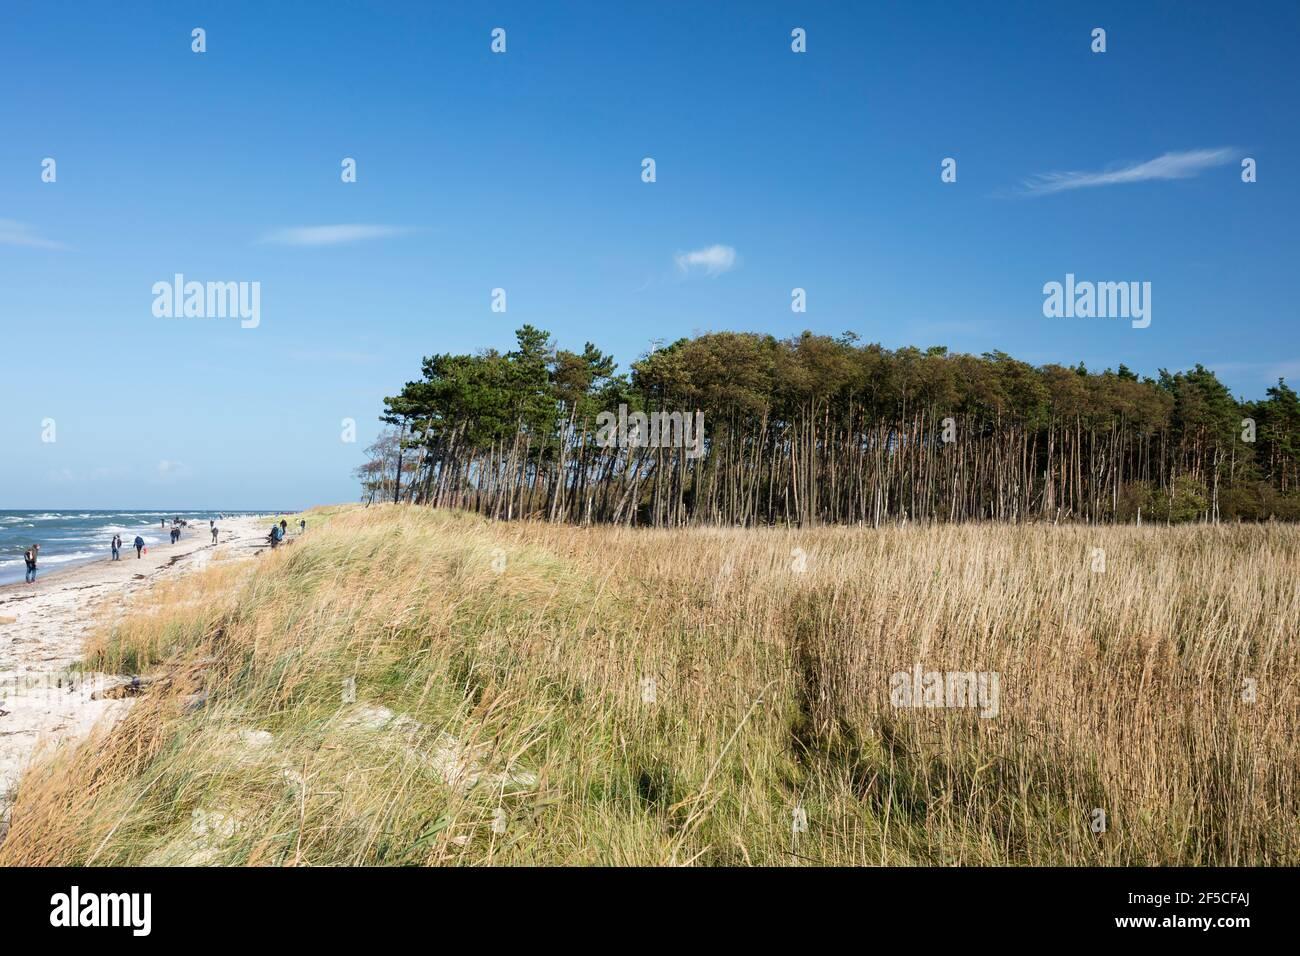 Géographie / voyage, Allemagne, Mecklenburg-Ouest Pomerania, Fischland-Darss-Zingst, Darss, Parc national , droits-supplémentaires-autorisation-Info-non-disponible Banque D'Images